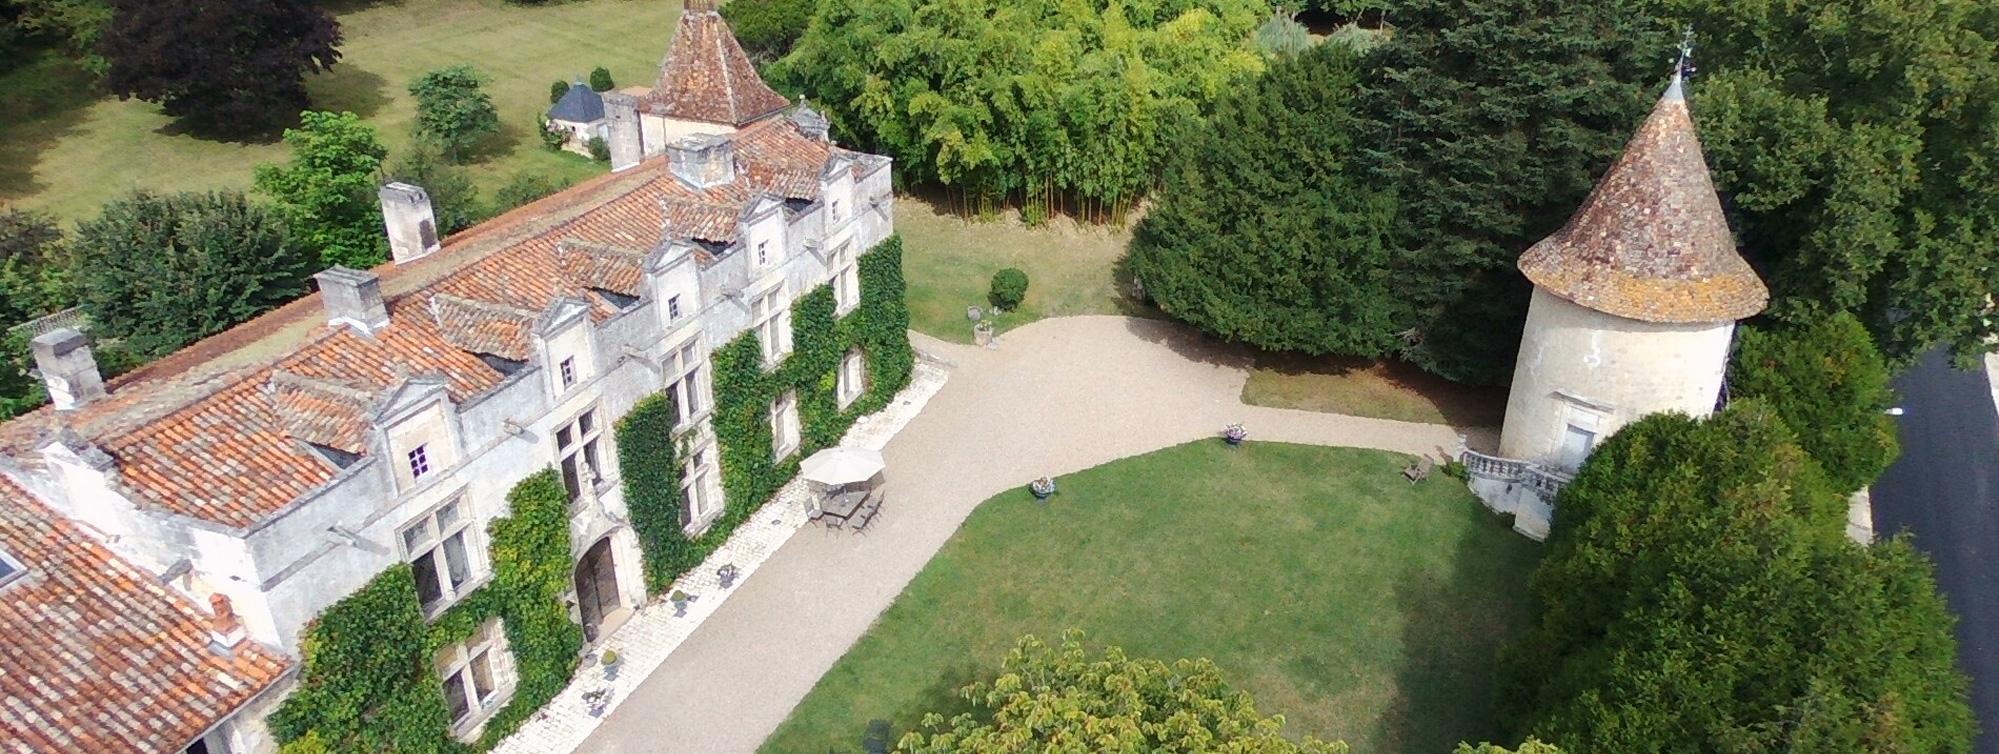 Chateau de Maumont : vue du ciel ©Chateau de Maumont